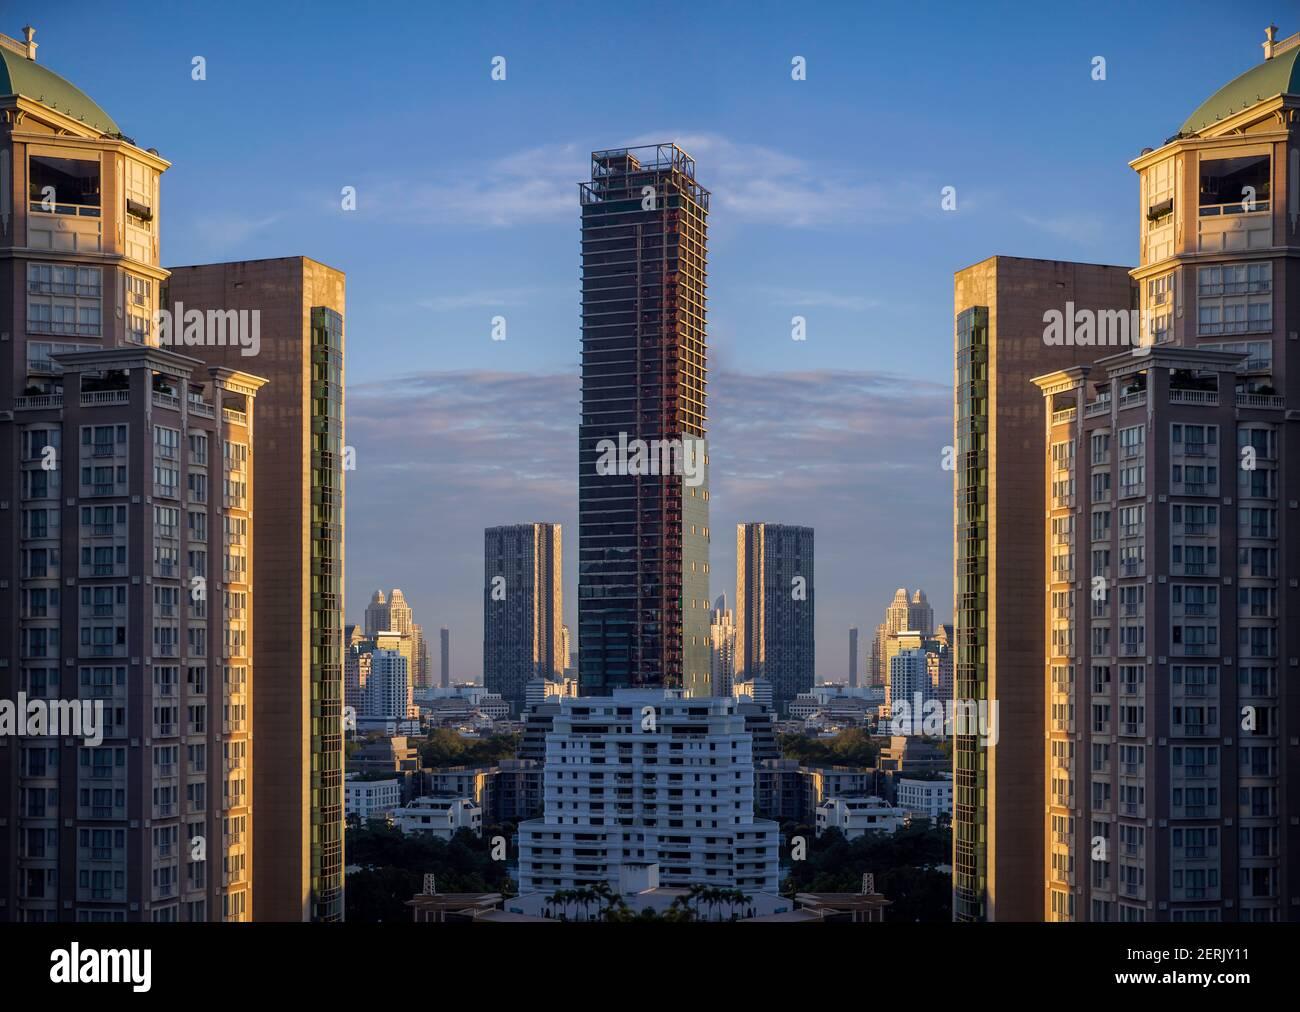 Edificio astratto della proprietà della città capitale in vista di mattina sfondo. Vista dello skyline della città dalla finestra dell'ufficio. La lucentezza sfocata bokeh architettura reale Foto Stock